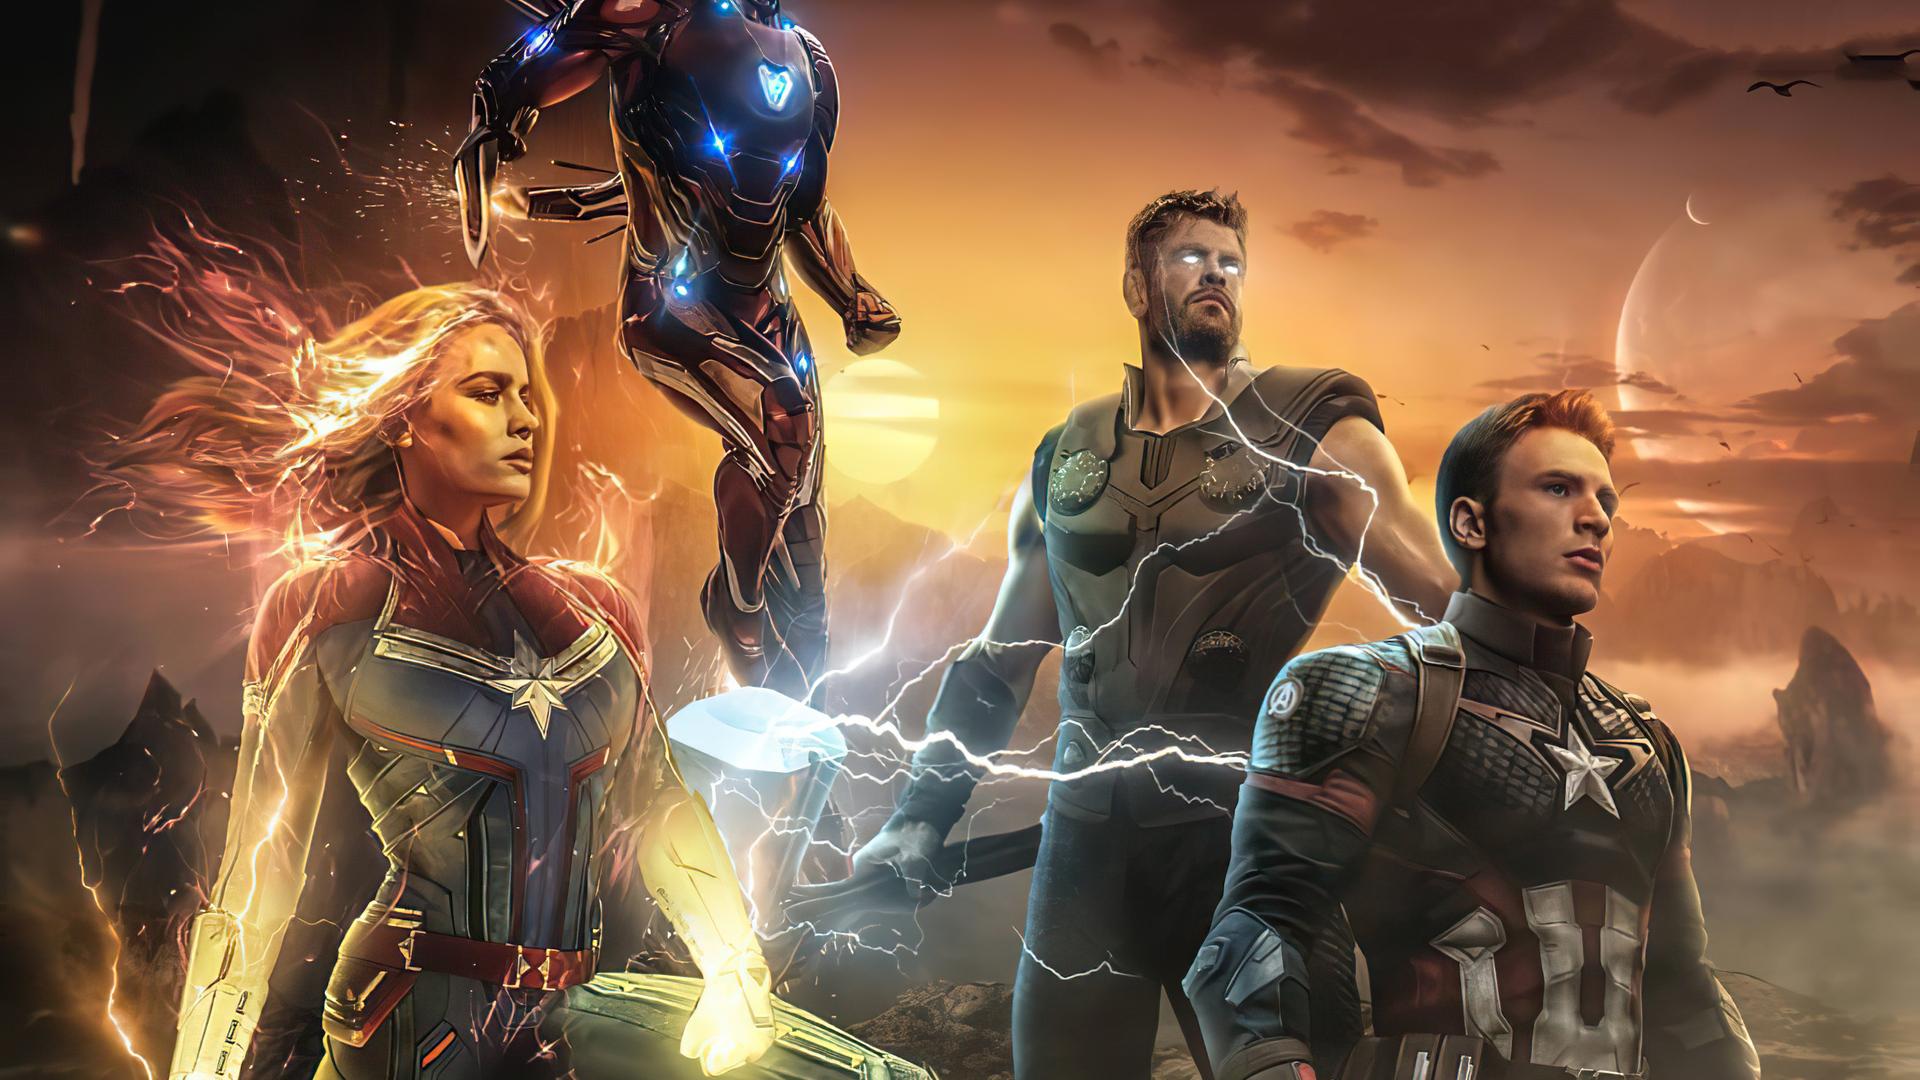 1920x1080 Avengers Endgame Movie 4k Laptop Full HD 1080P ...